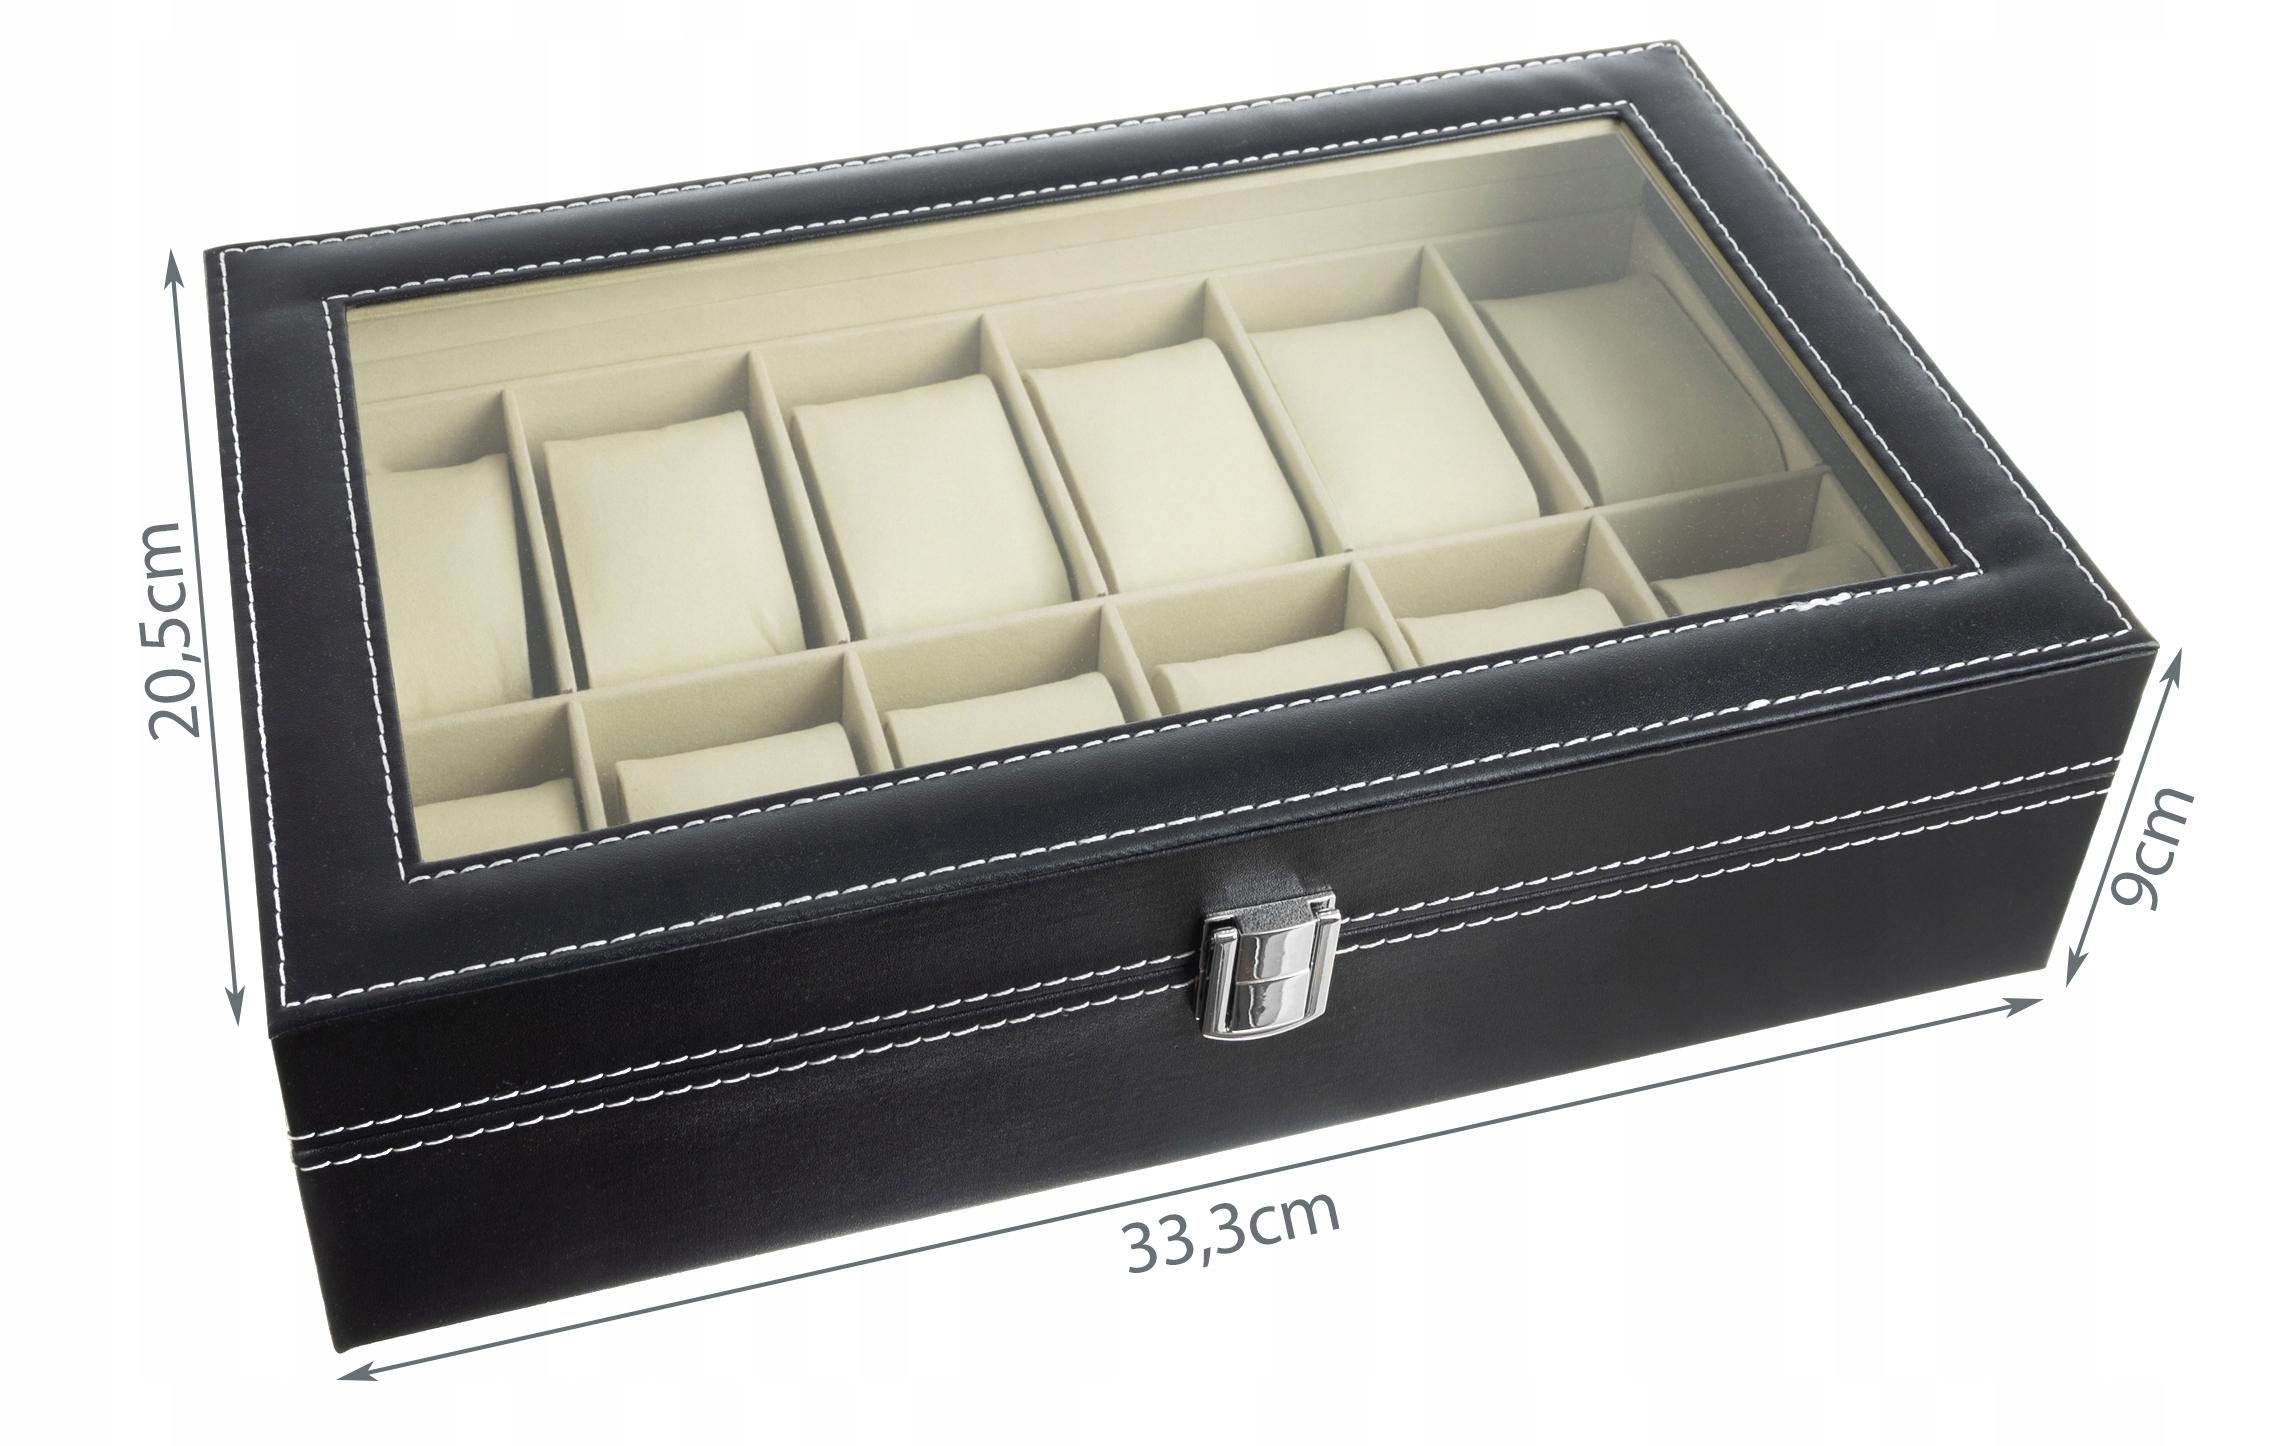 Pudełko Etui Organizer Szkatułka na Zegarki 12szt Waga produktu z opakowaniem jednostkowym 1.29 kg